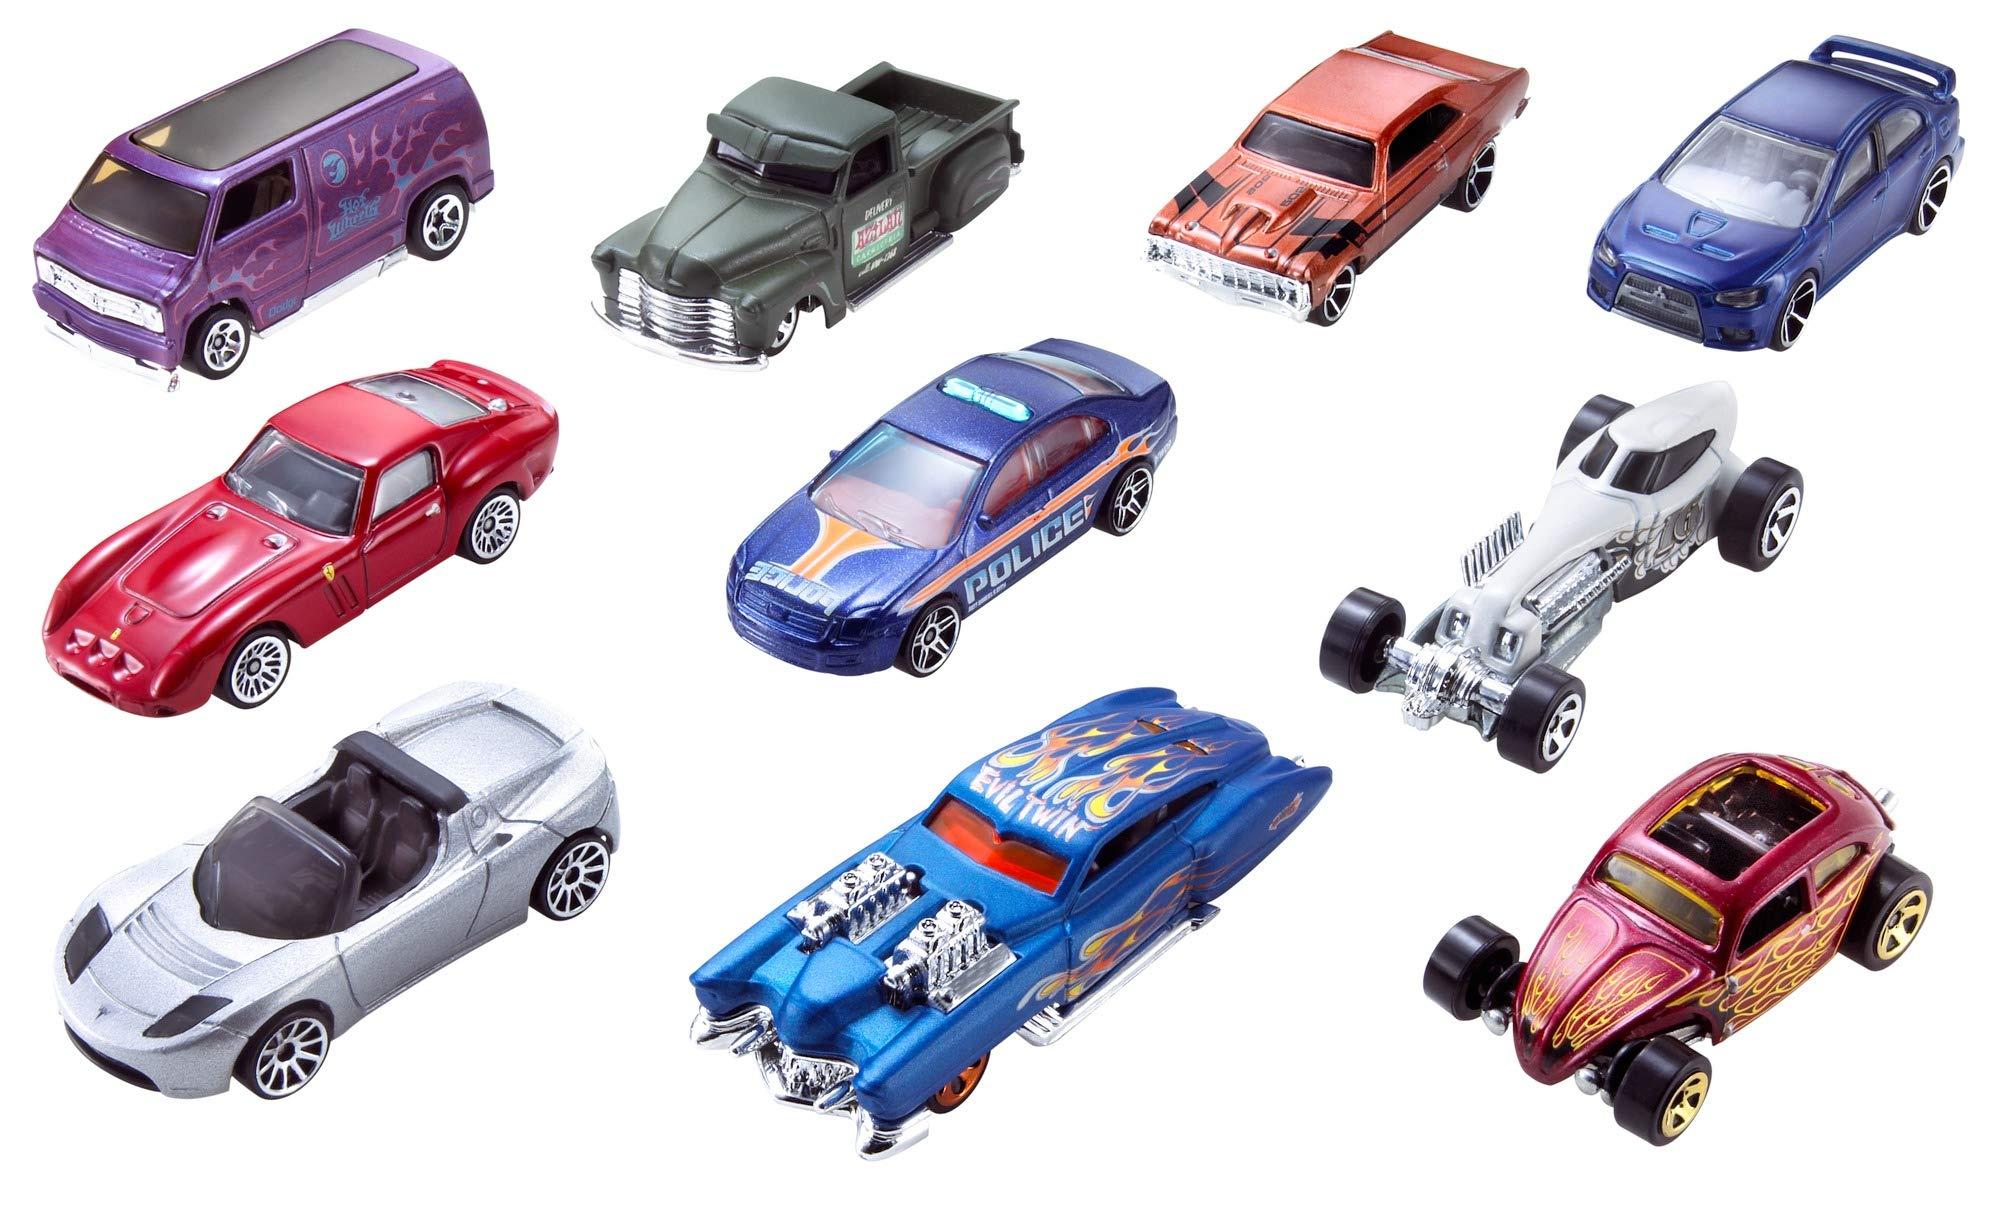 Hot Wheels Pack de 10 vehículos, coches de juguete (modelos surtidos) (Mattel 54886): Amazon.es: Juguetes y juegos